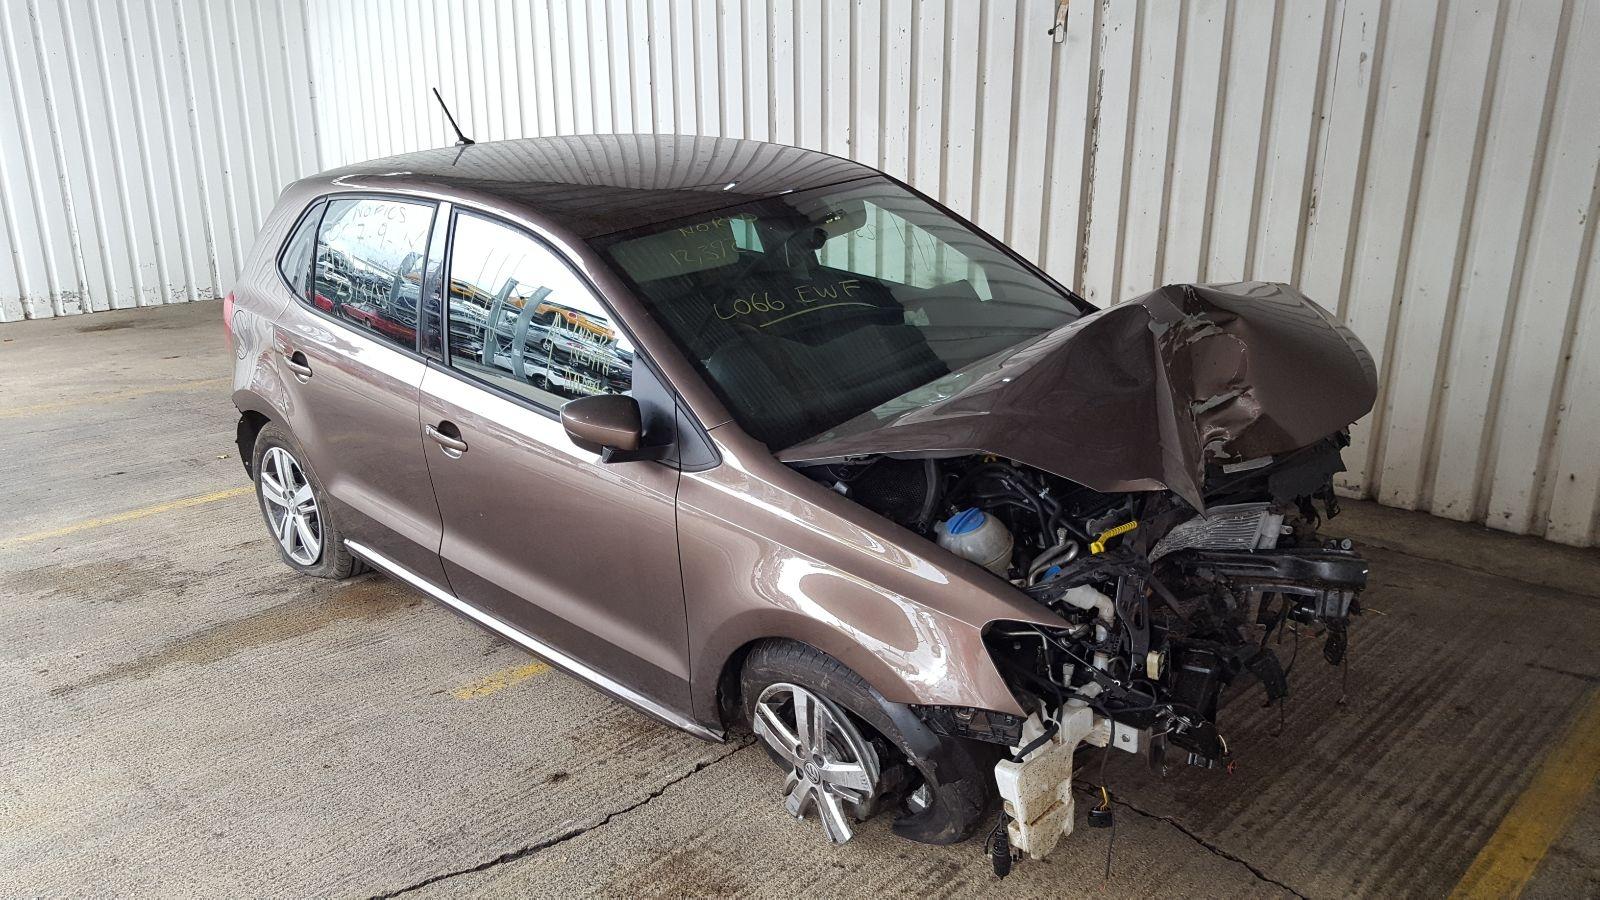 Image for a Volkswagen Polo 2016 5 Door Hatchback